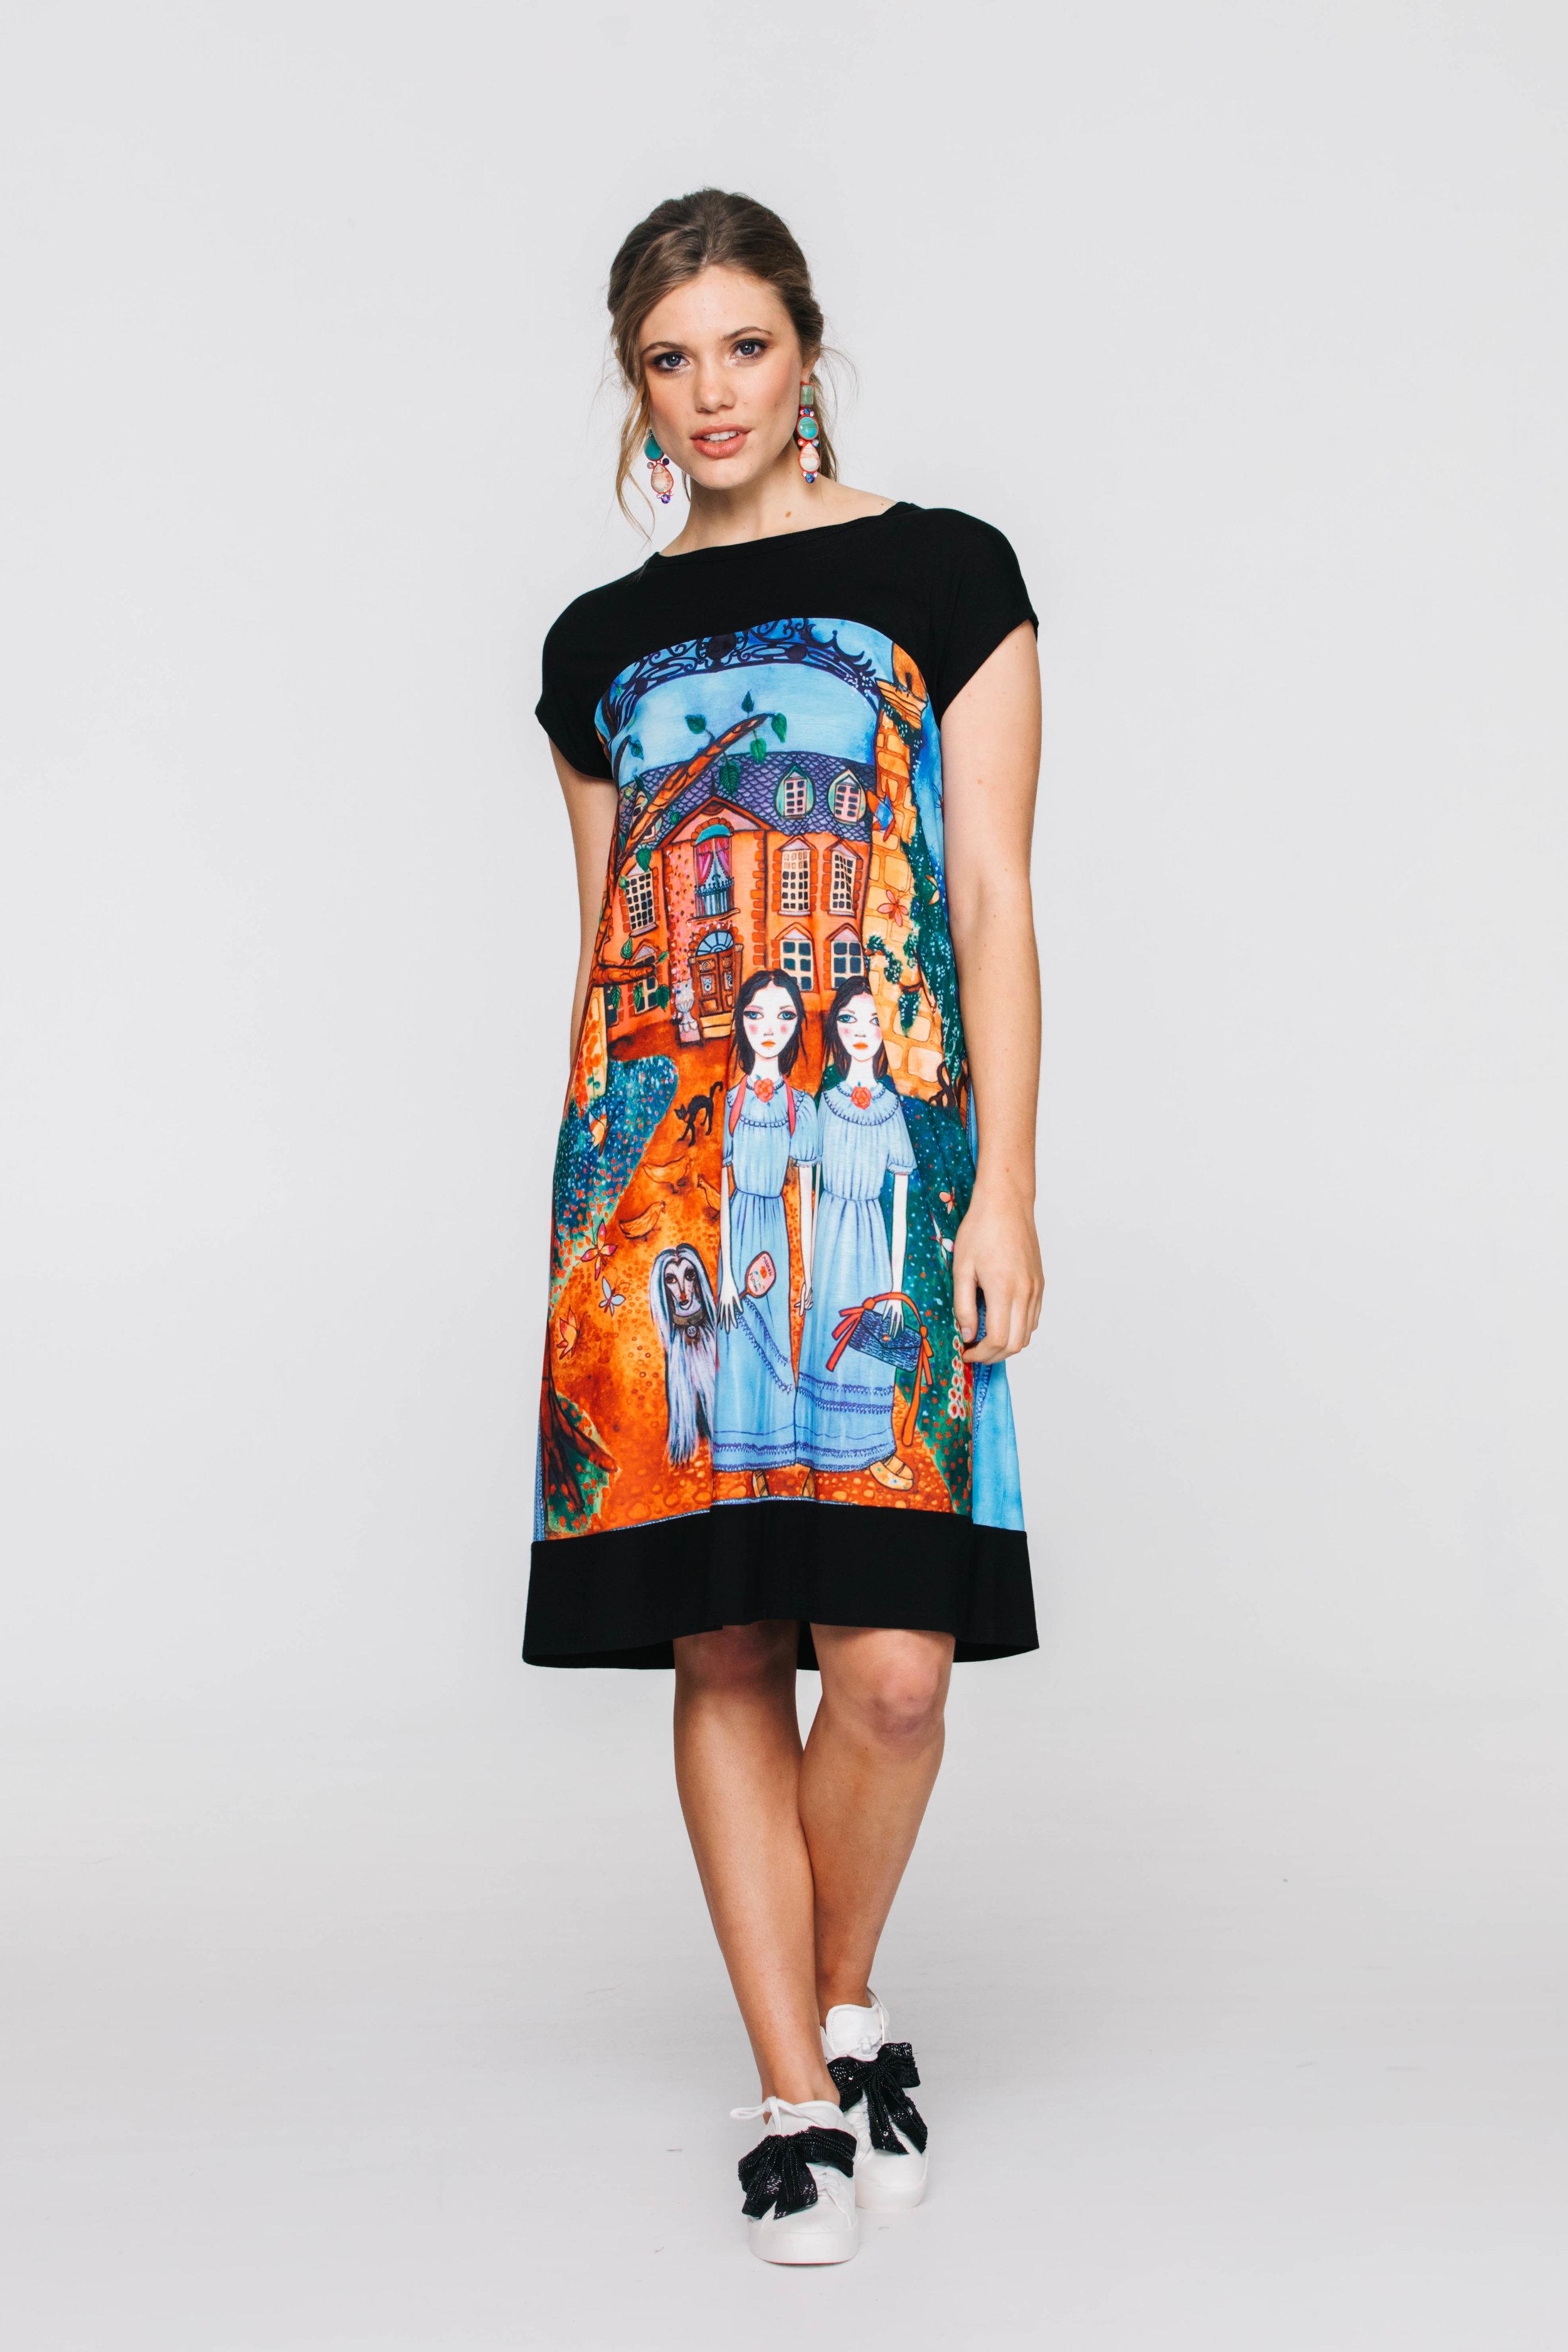 5857V Patch Me Up Dress, The Blues